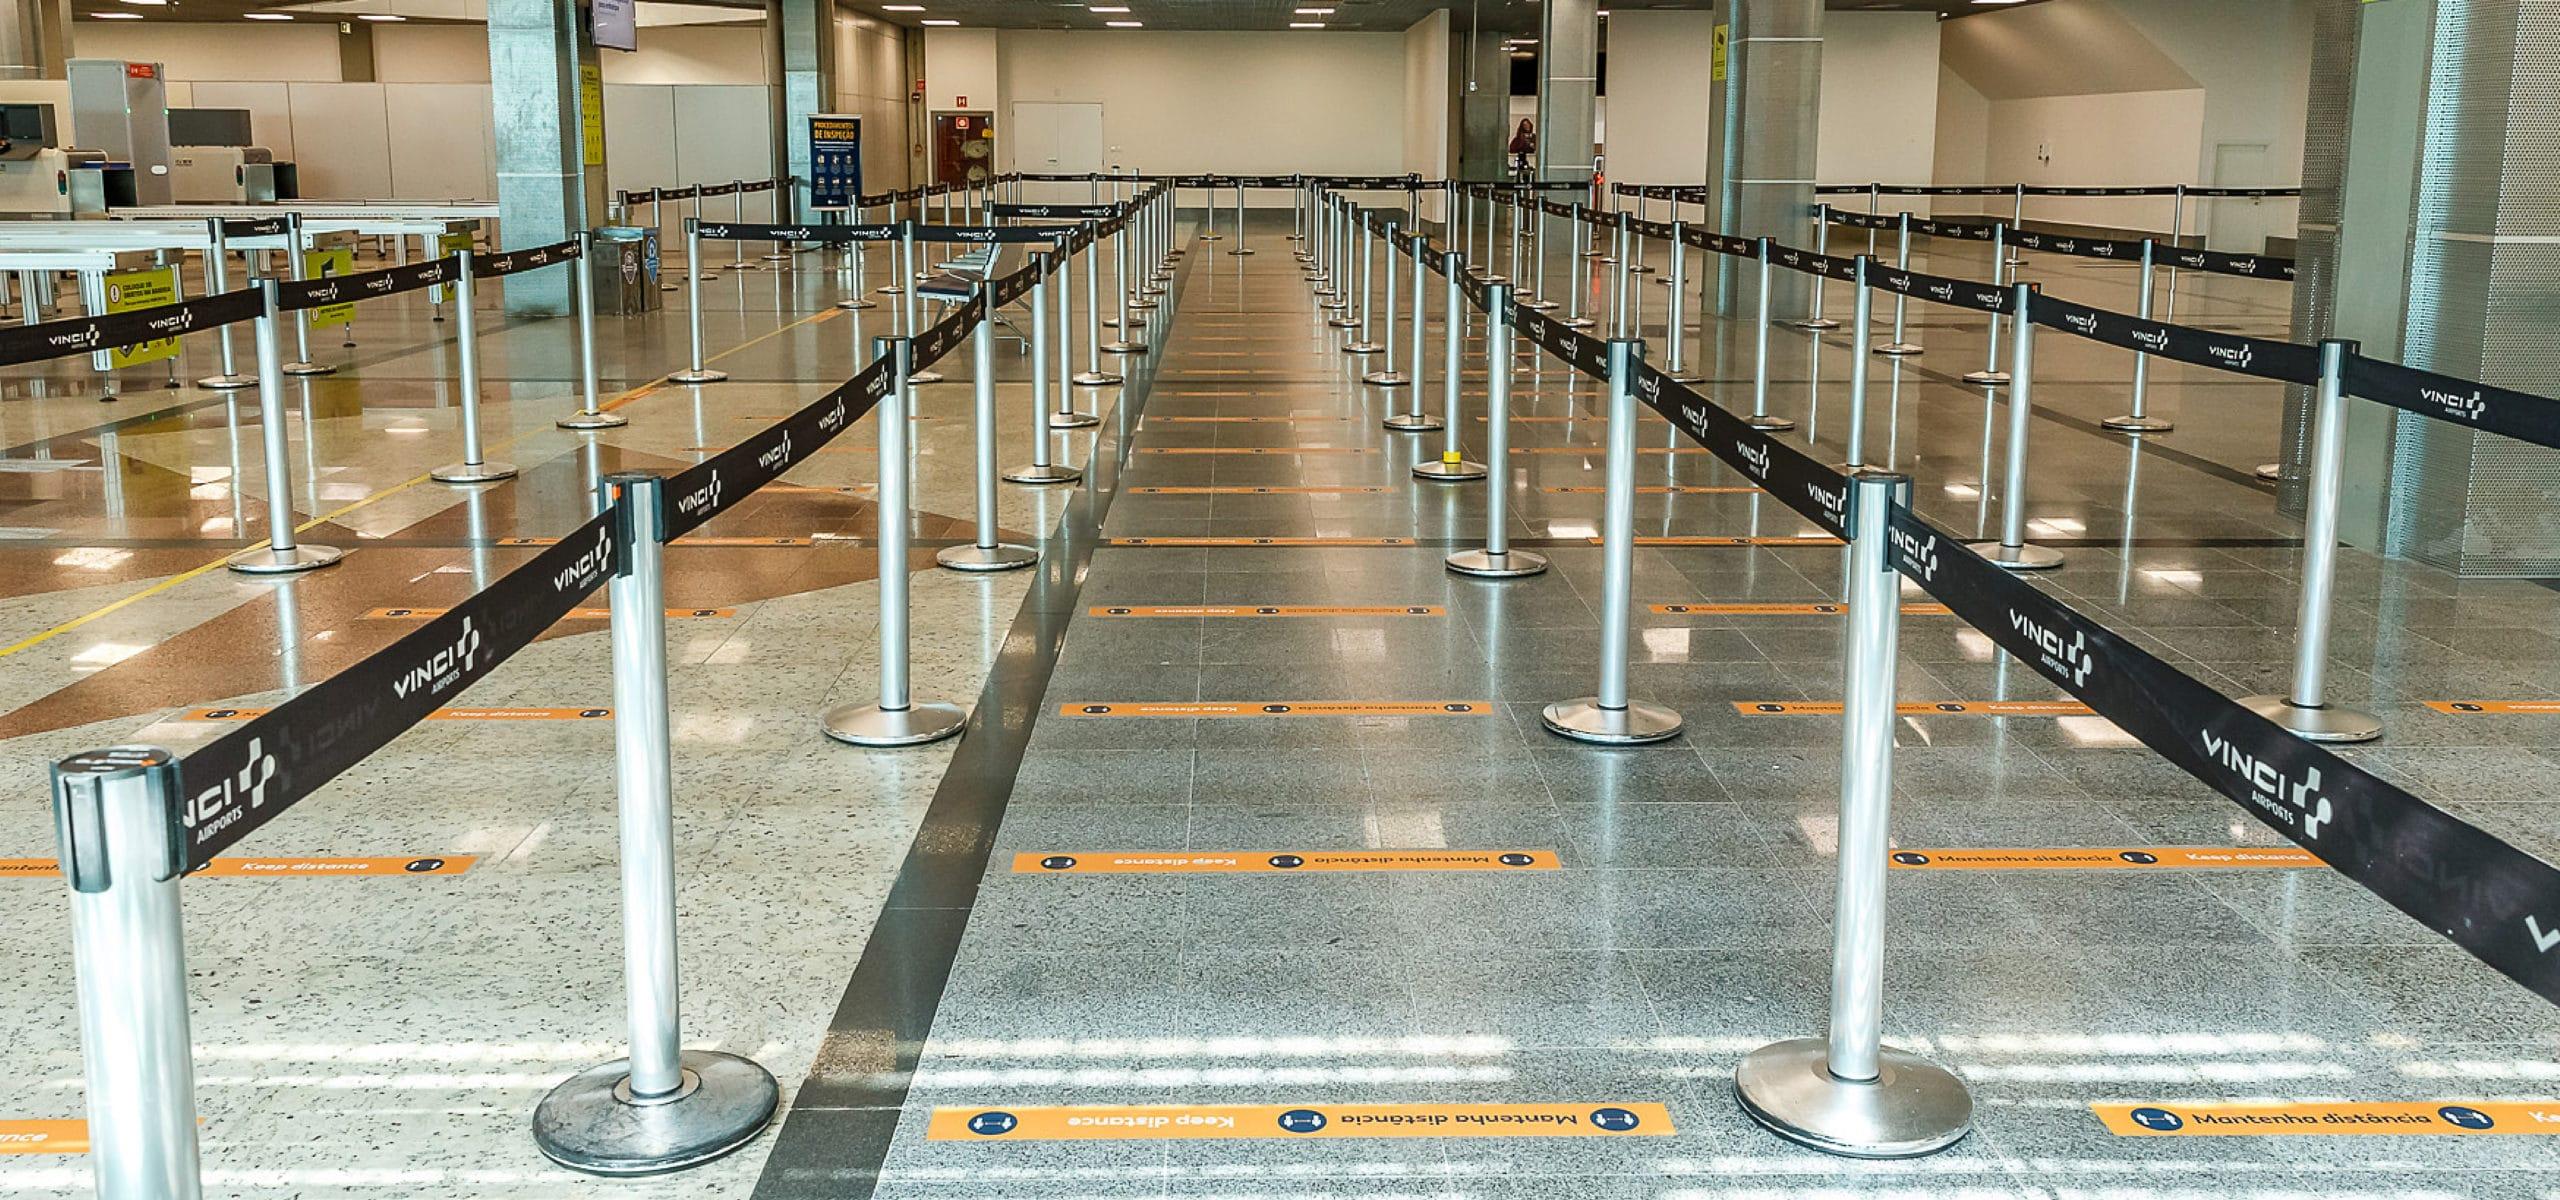 Salvador de Bahia Airport - RipioTurismo DMC for Brazil